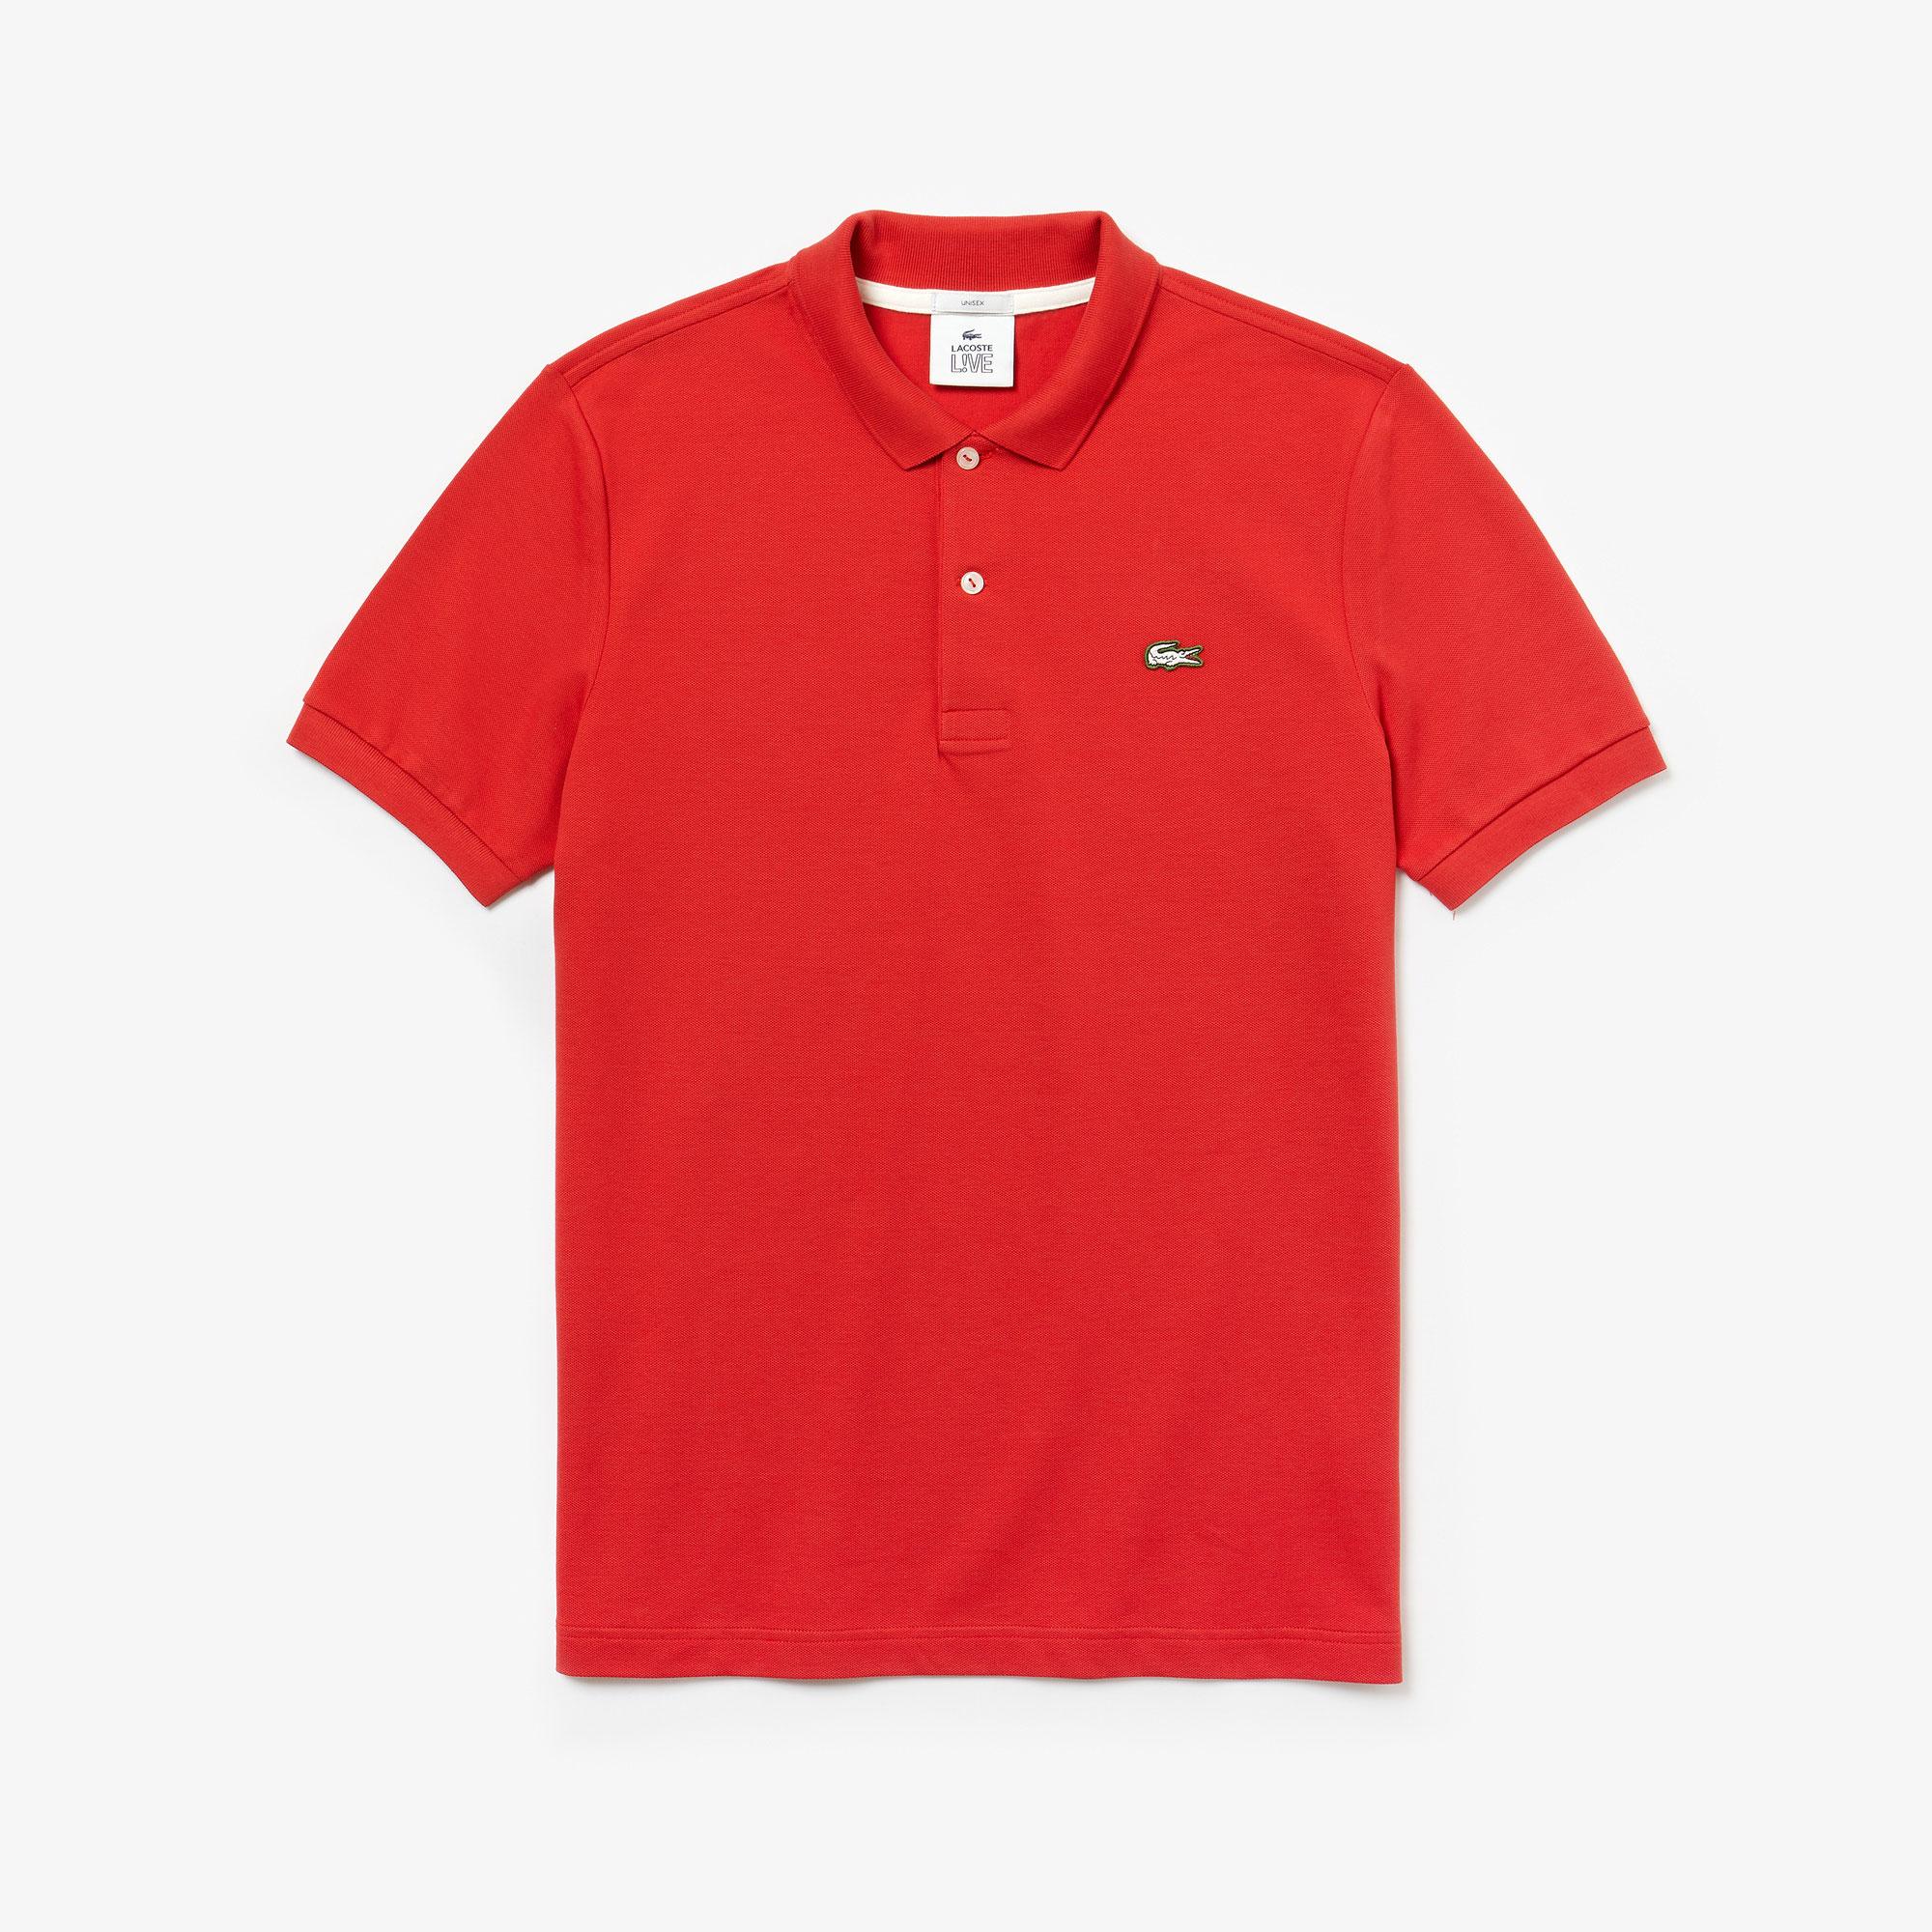 Lacoste L!ve Men's Slim Fit Polo